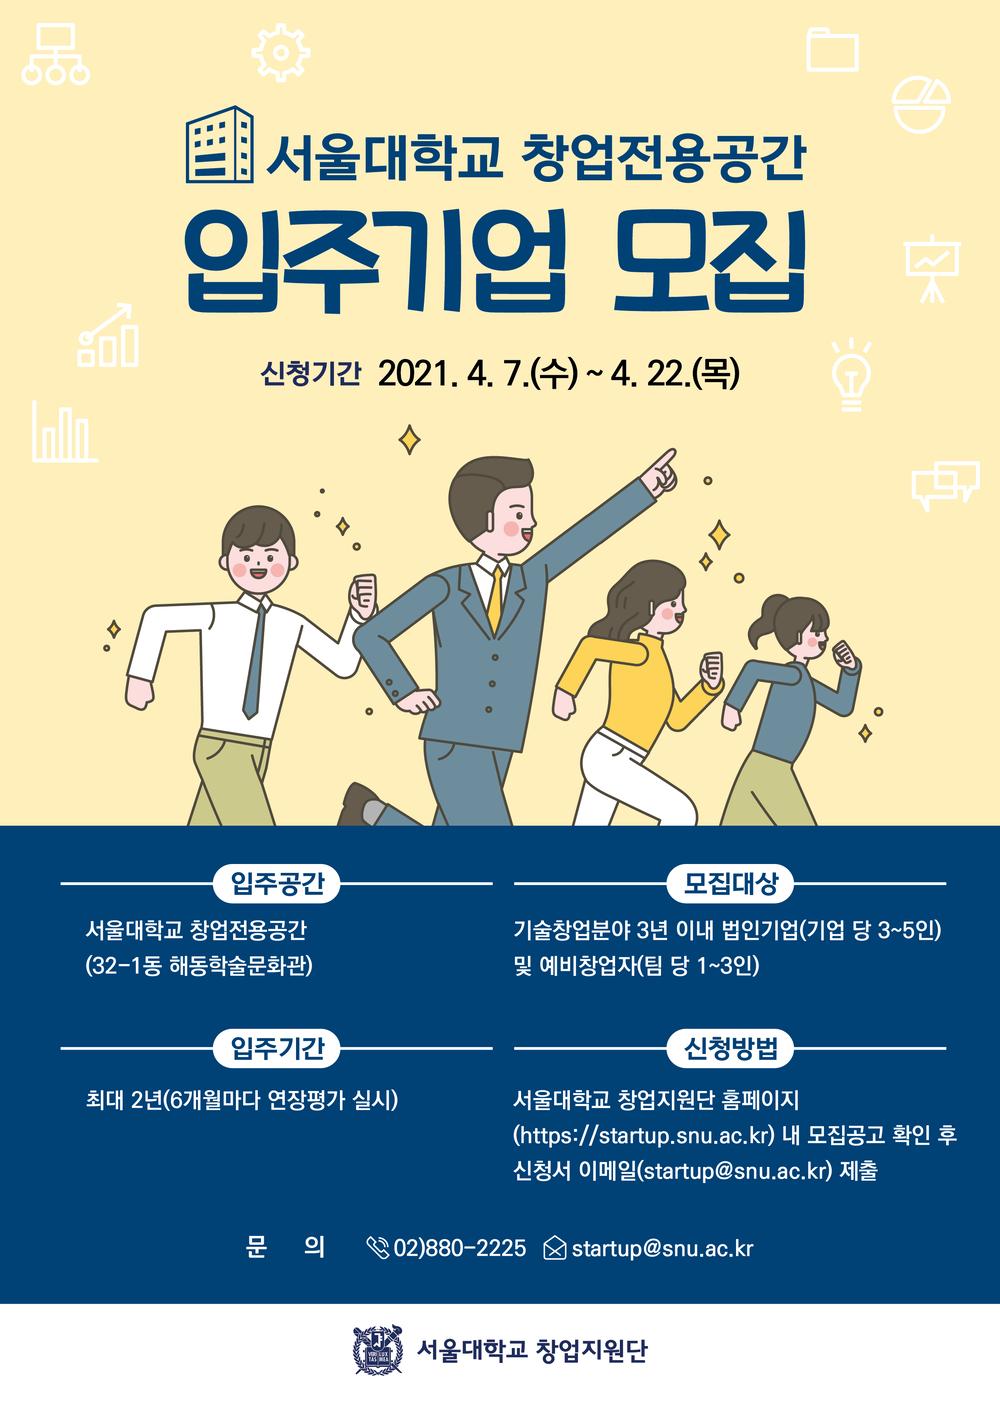 [포스터]서울대학교 창업전용공간 입주기업 모집.png